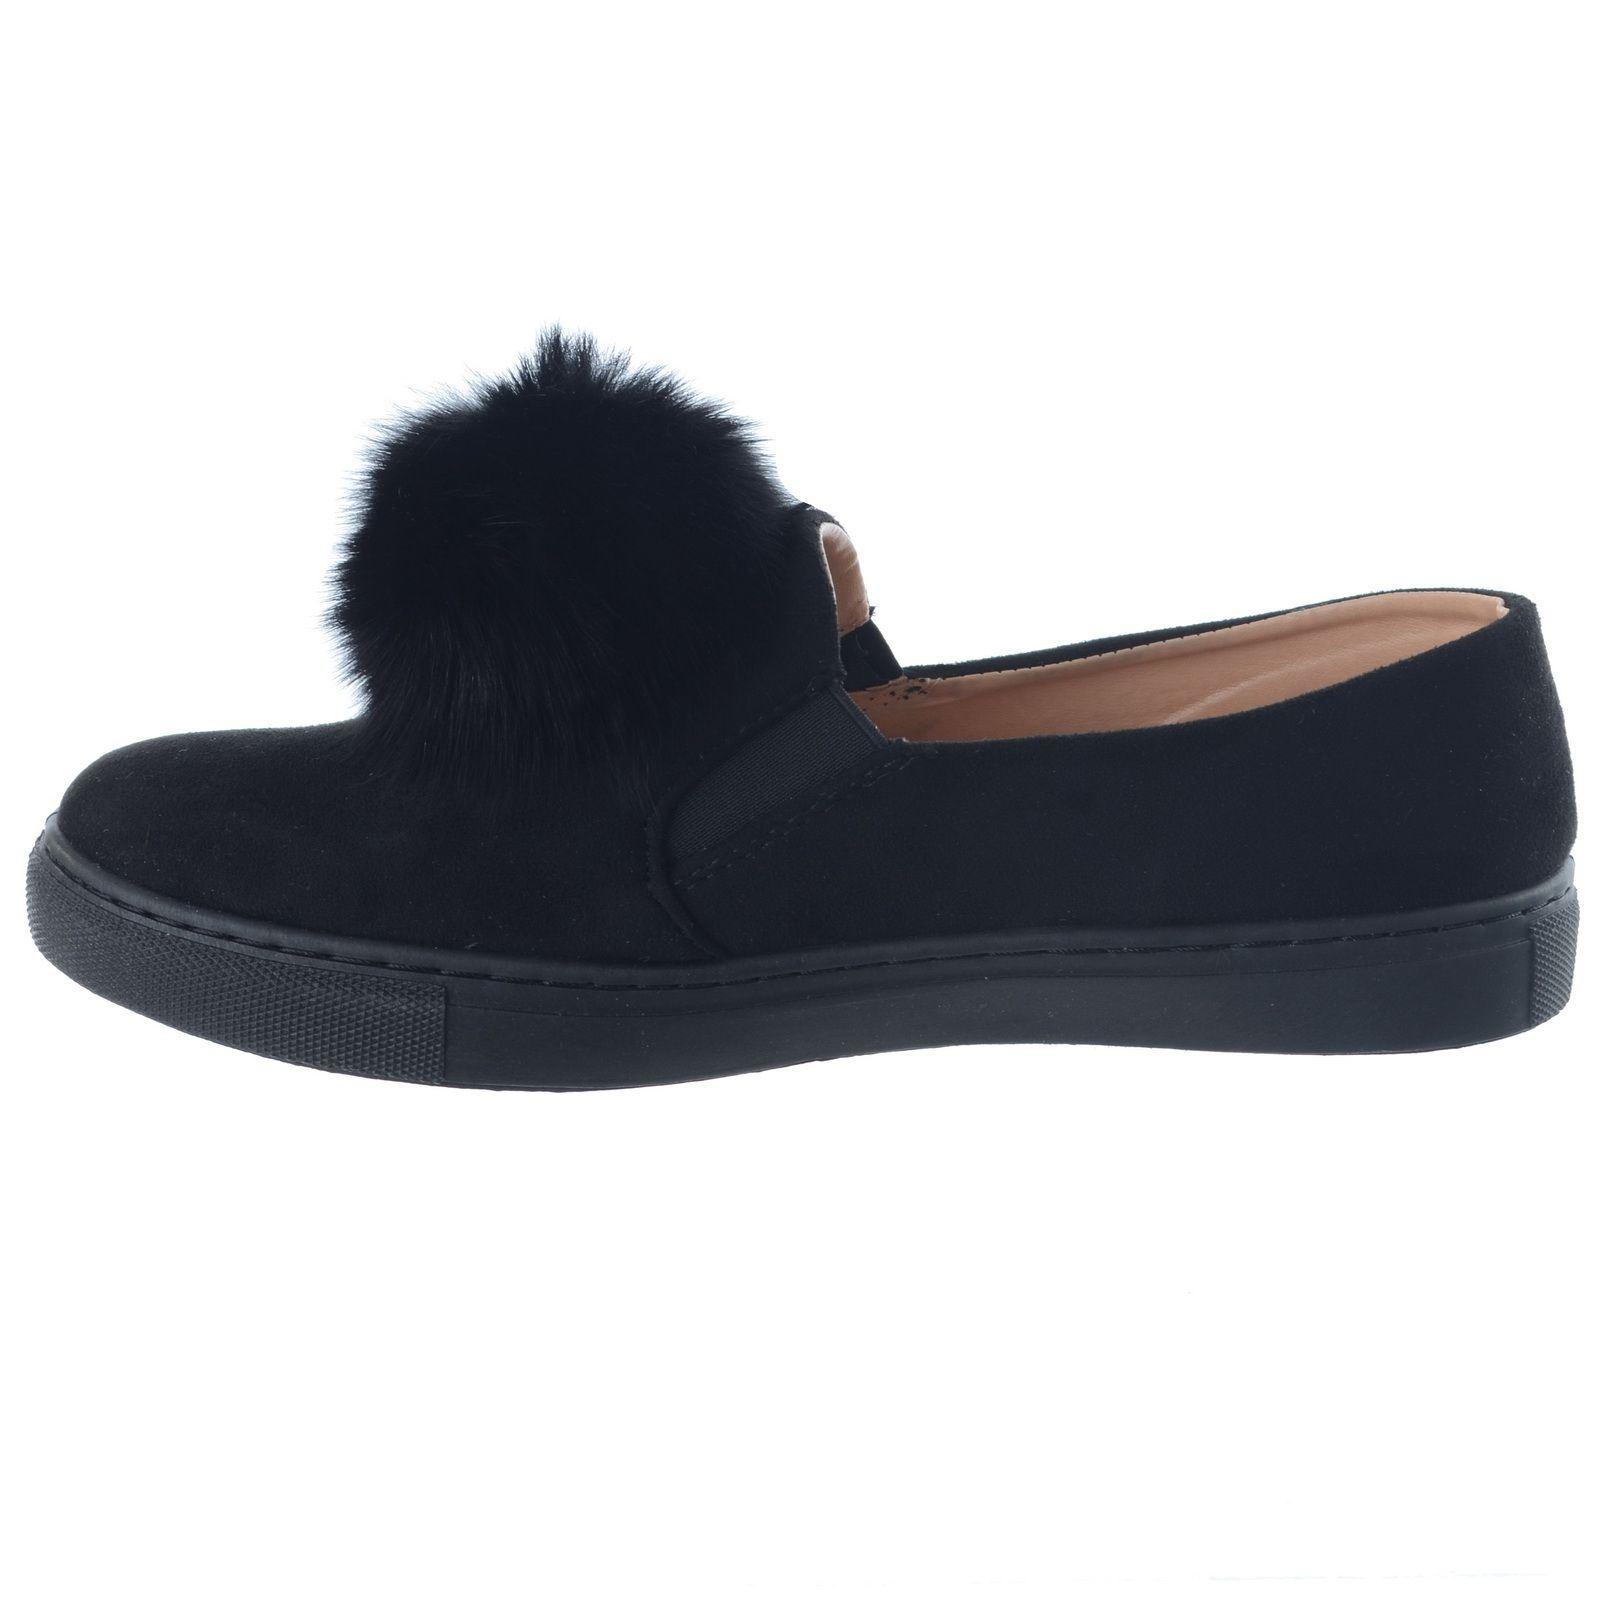 Nuevo Para Mujer Damas estilo Pom Pom Gamuza formadores Bombas Zapatos de tacón bajo plano Talla